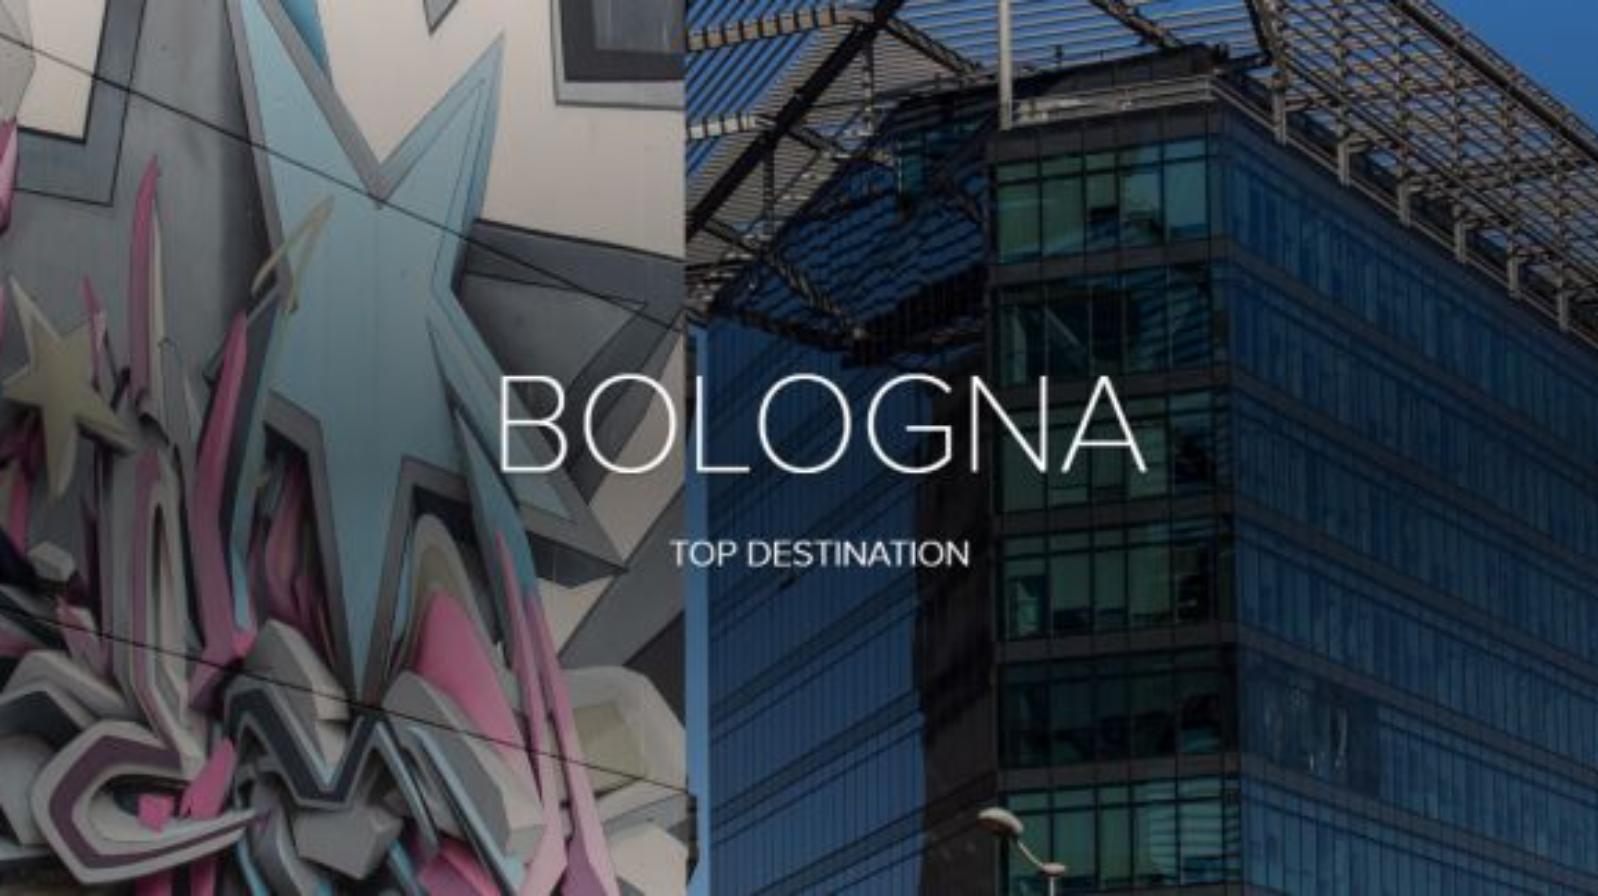 Bologna Top Destination in 2018